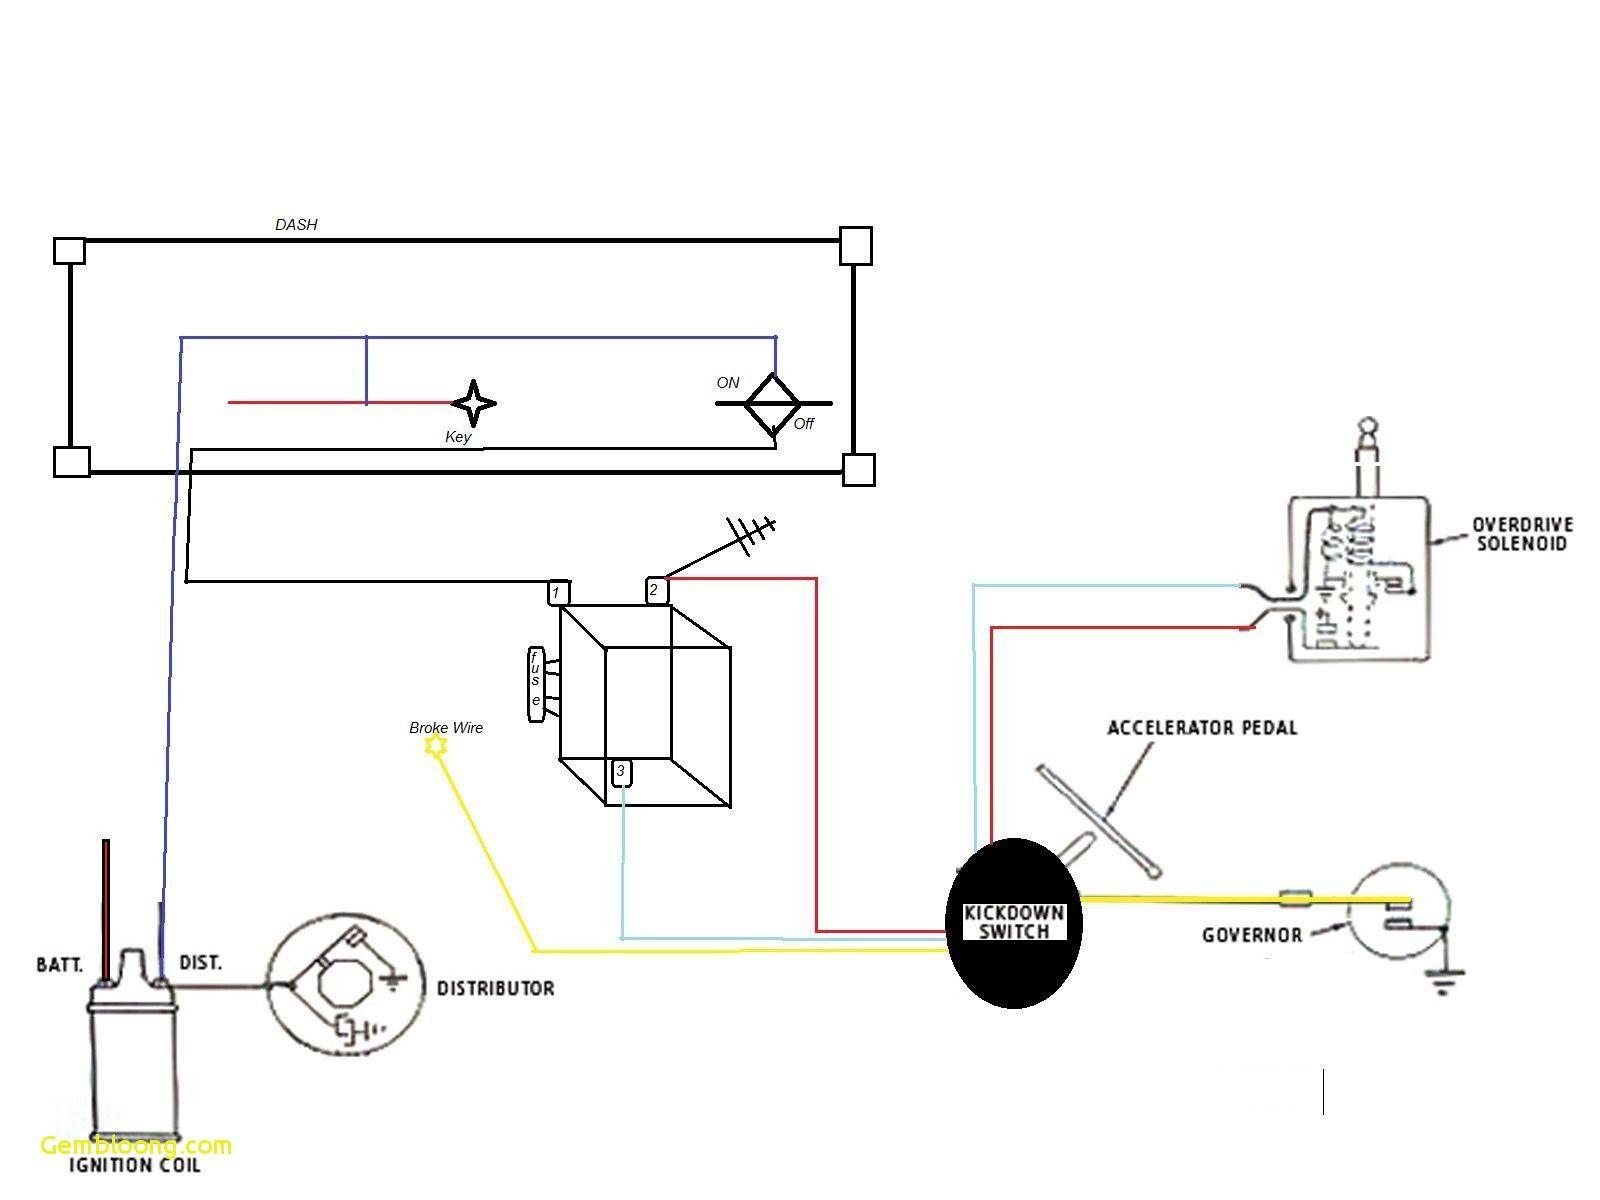 Diagramsample Diagramformats Diagramtemplate